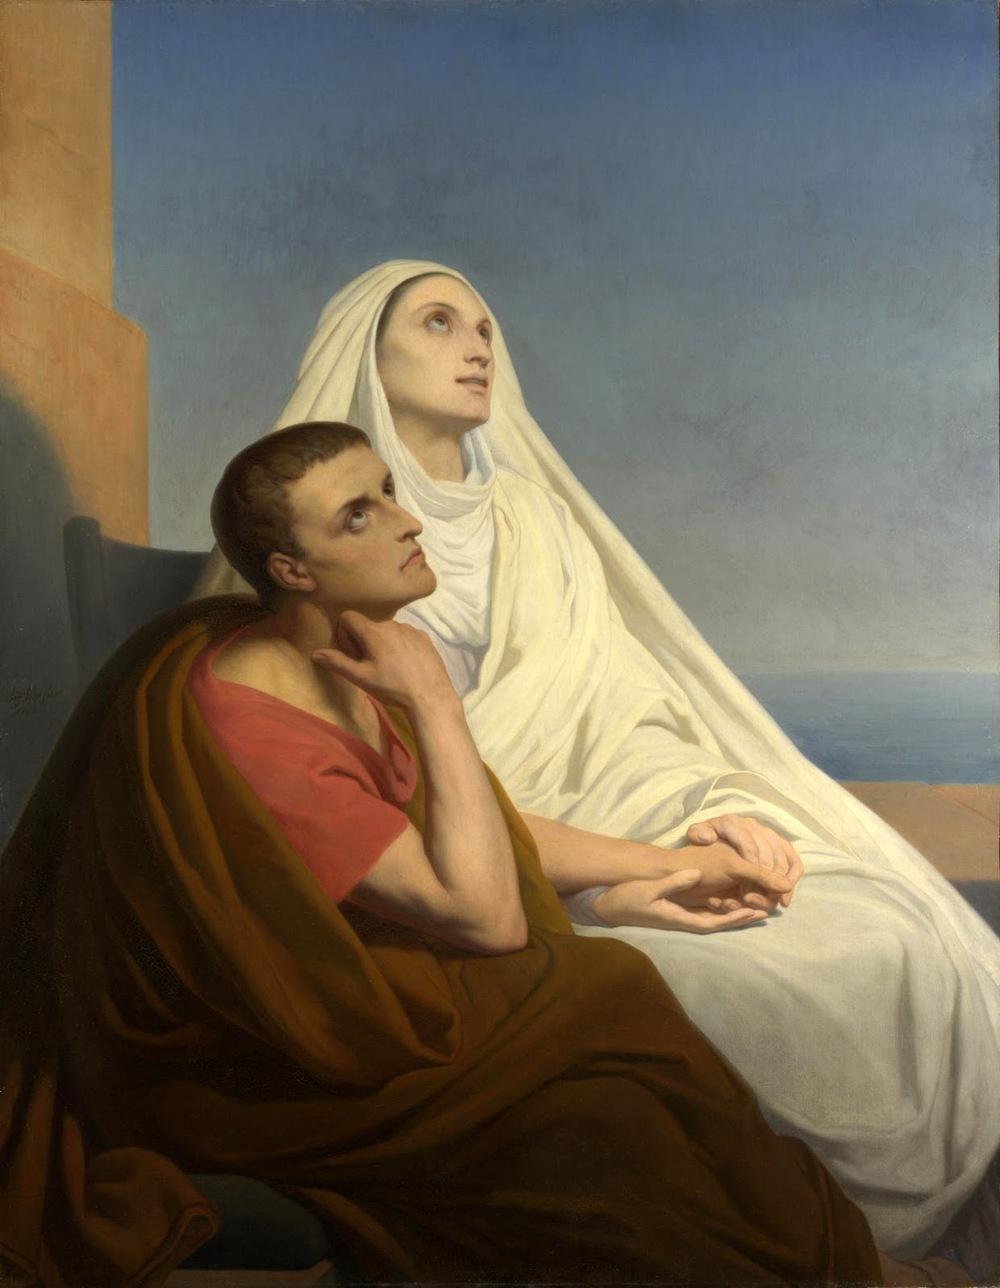 Saint Monica with her son Saint Augustine,Ary Scheffer, 1854